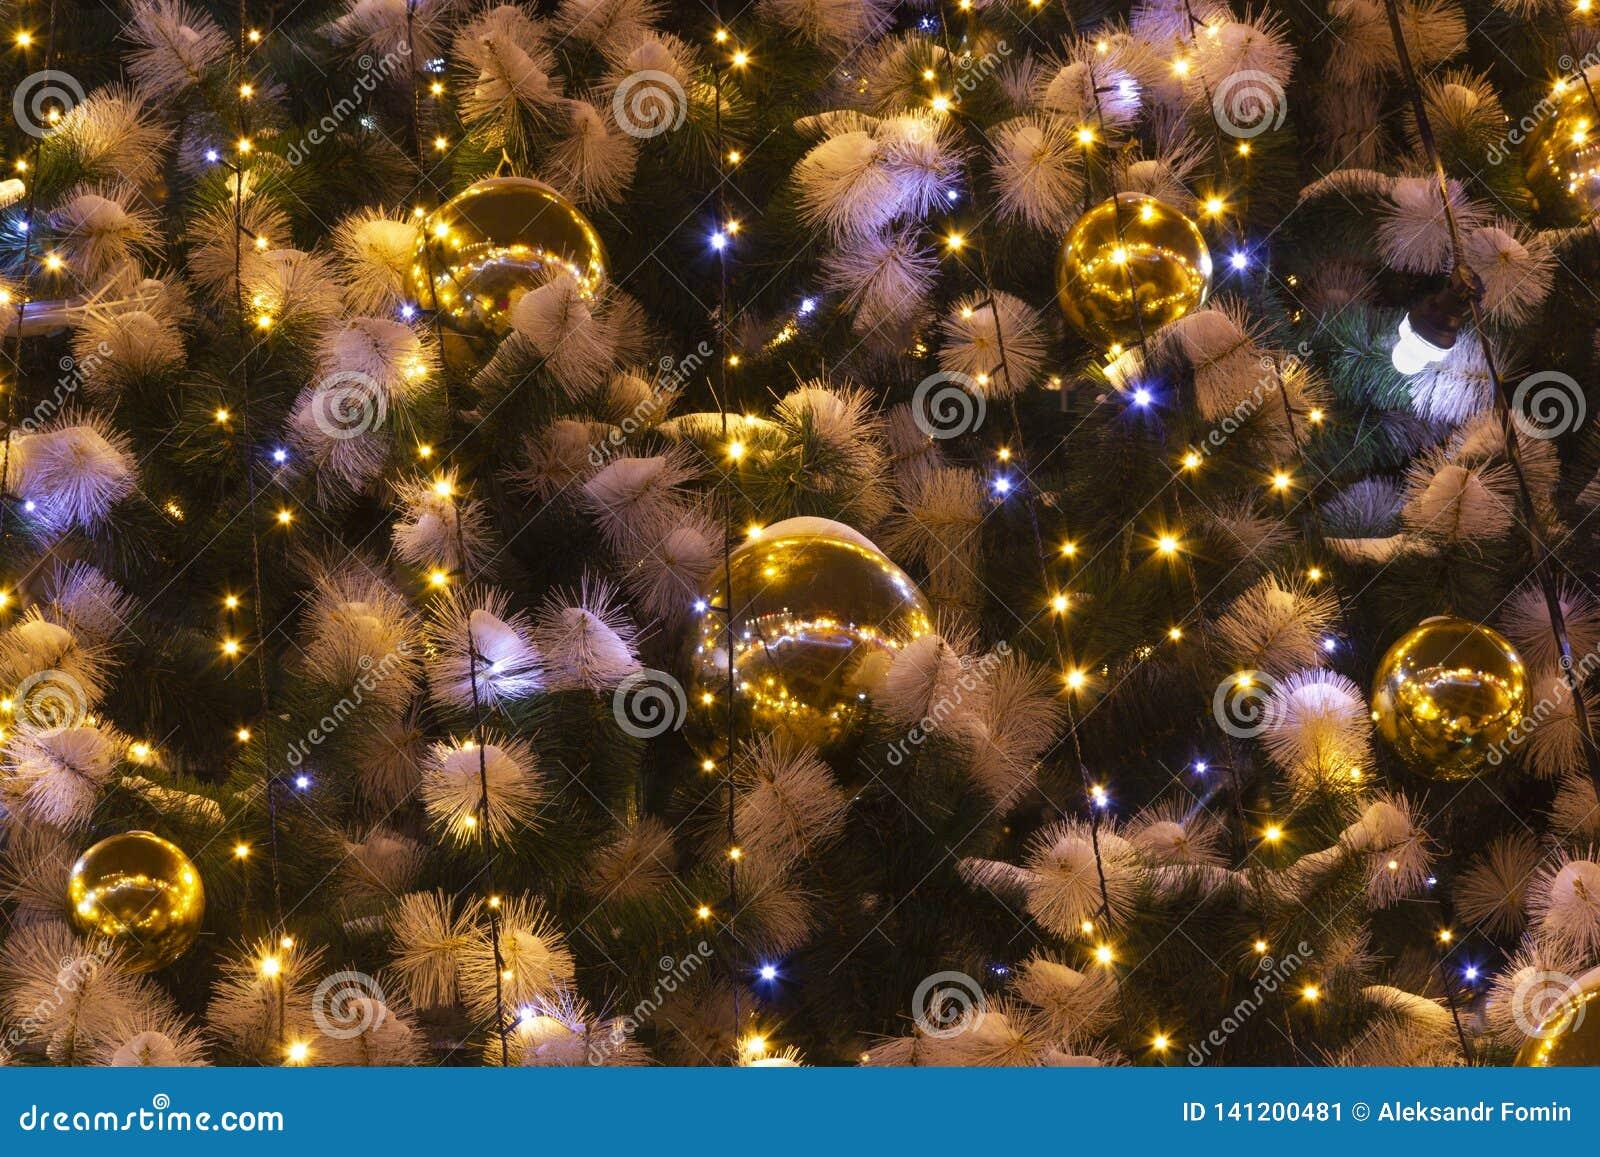 Decoratie op de Kerstboom